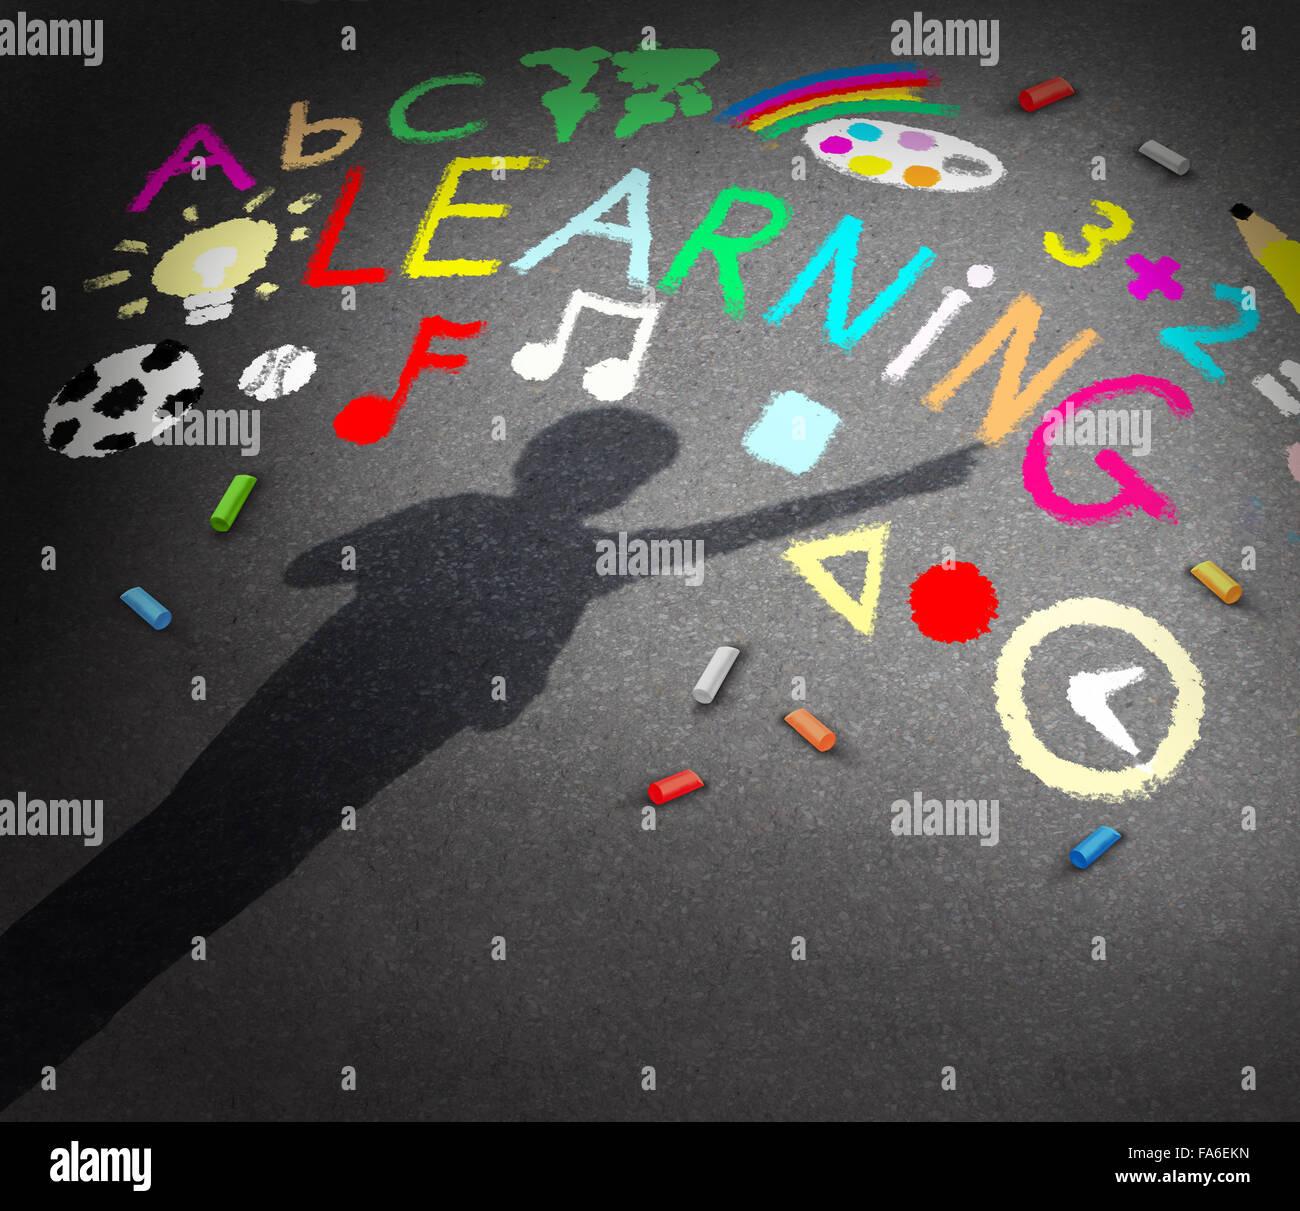 Kind-Learning-Konzepts als Schatten eines jungen Studenten auf einem Schulhof-Pavememt mit Kreidezeichnungen der Stockbild